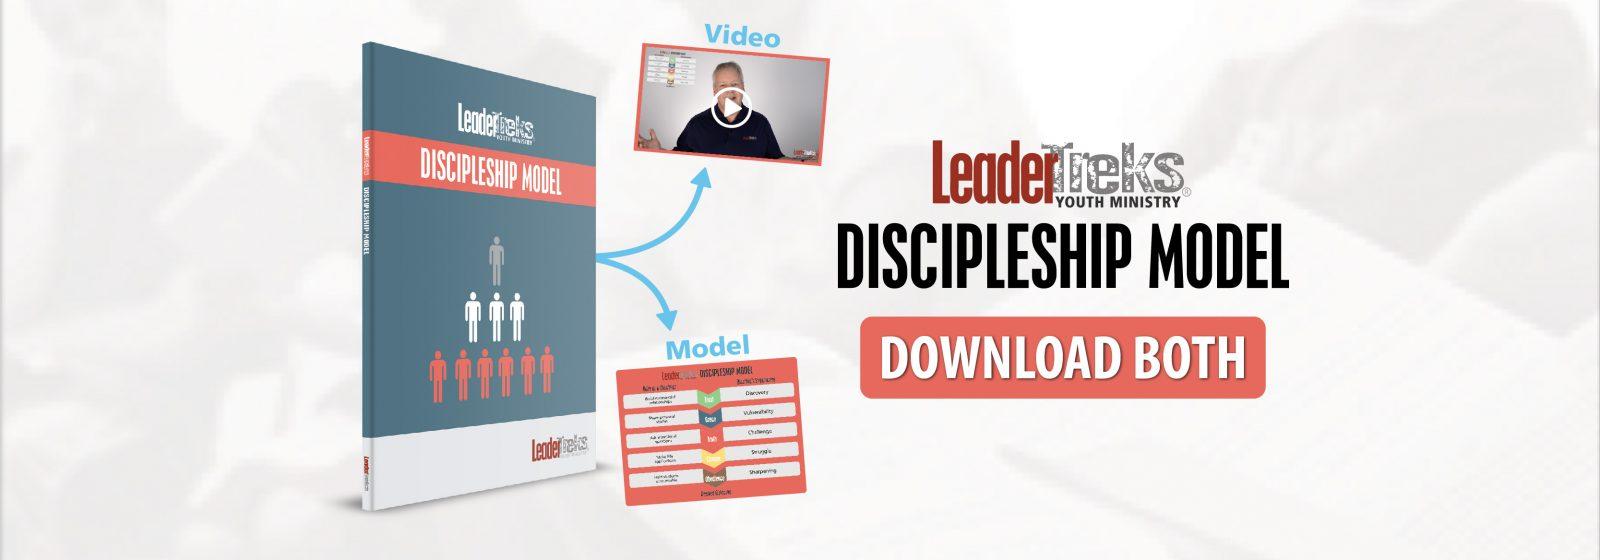 LeaderTreks Discipleship Model